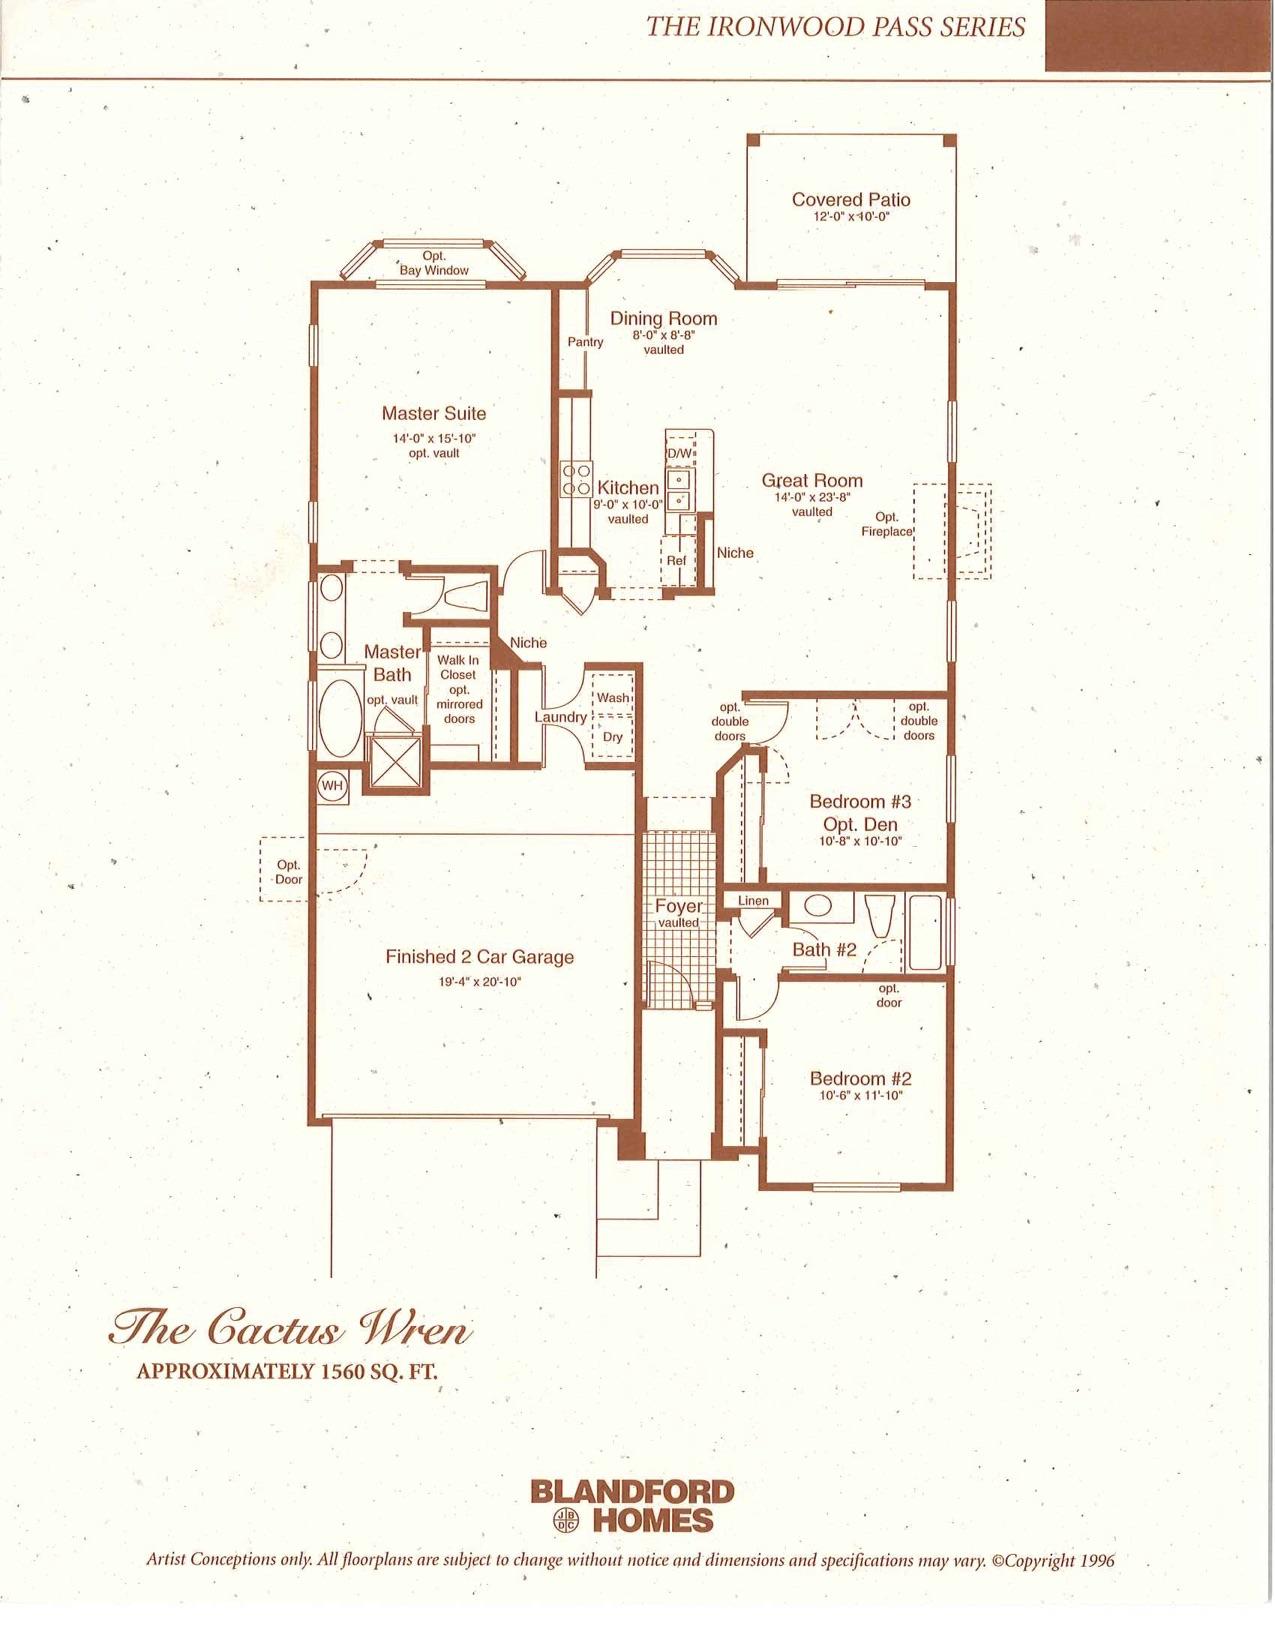 Cactus Wren 1560 sq ft